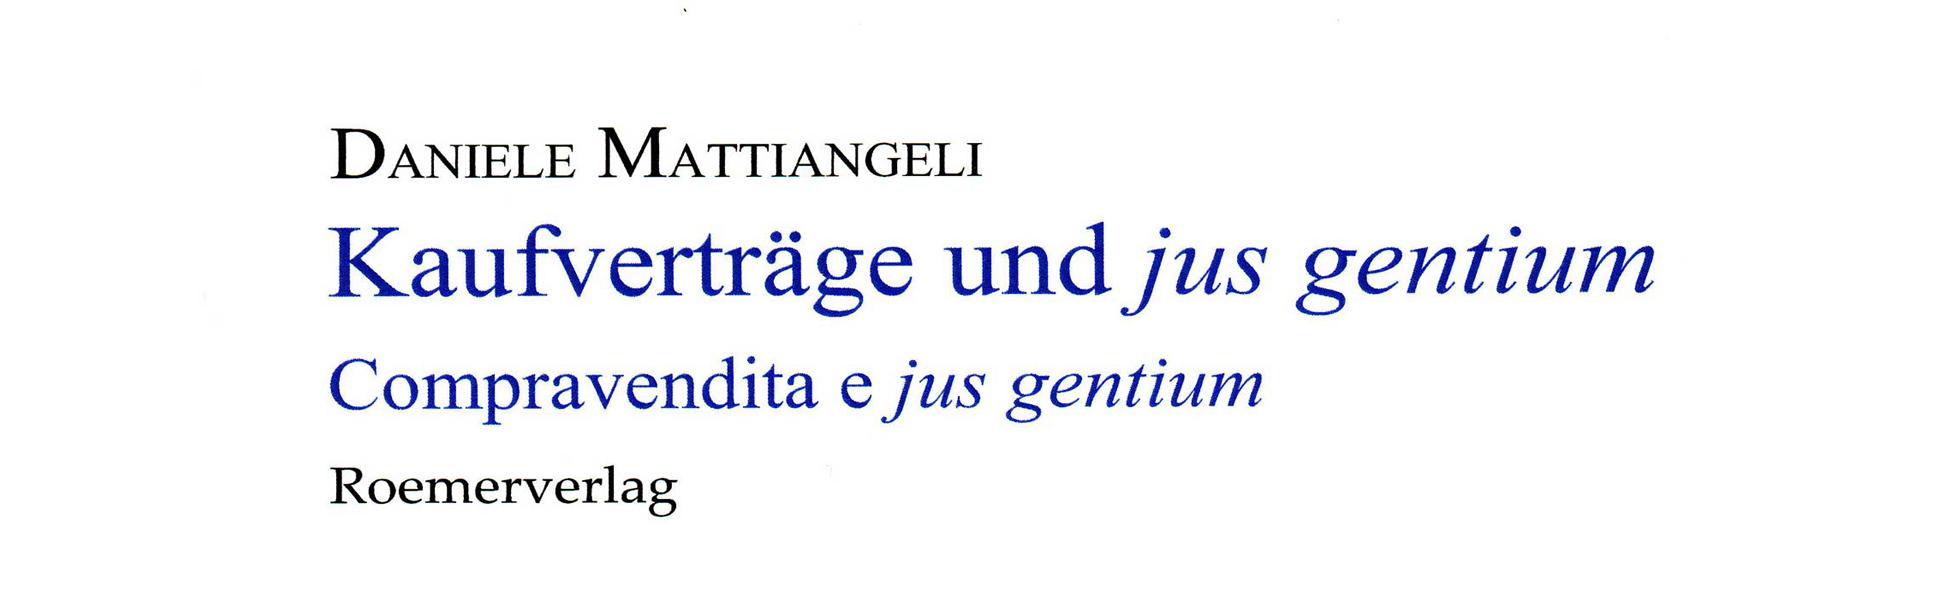 JusGentium